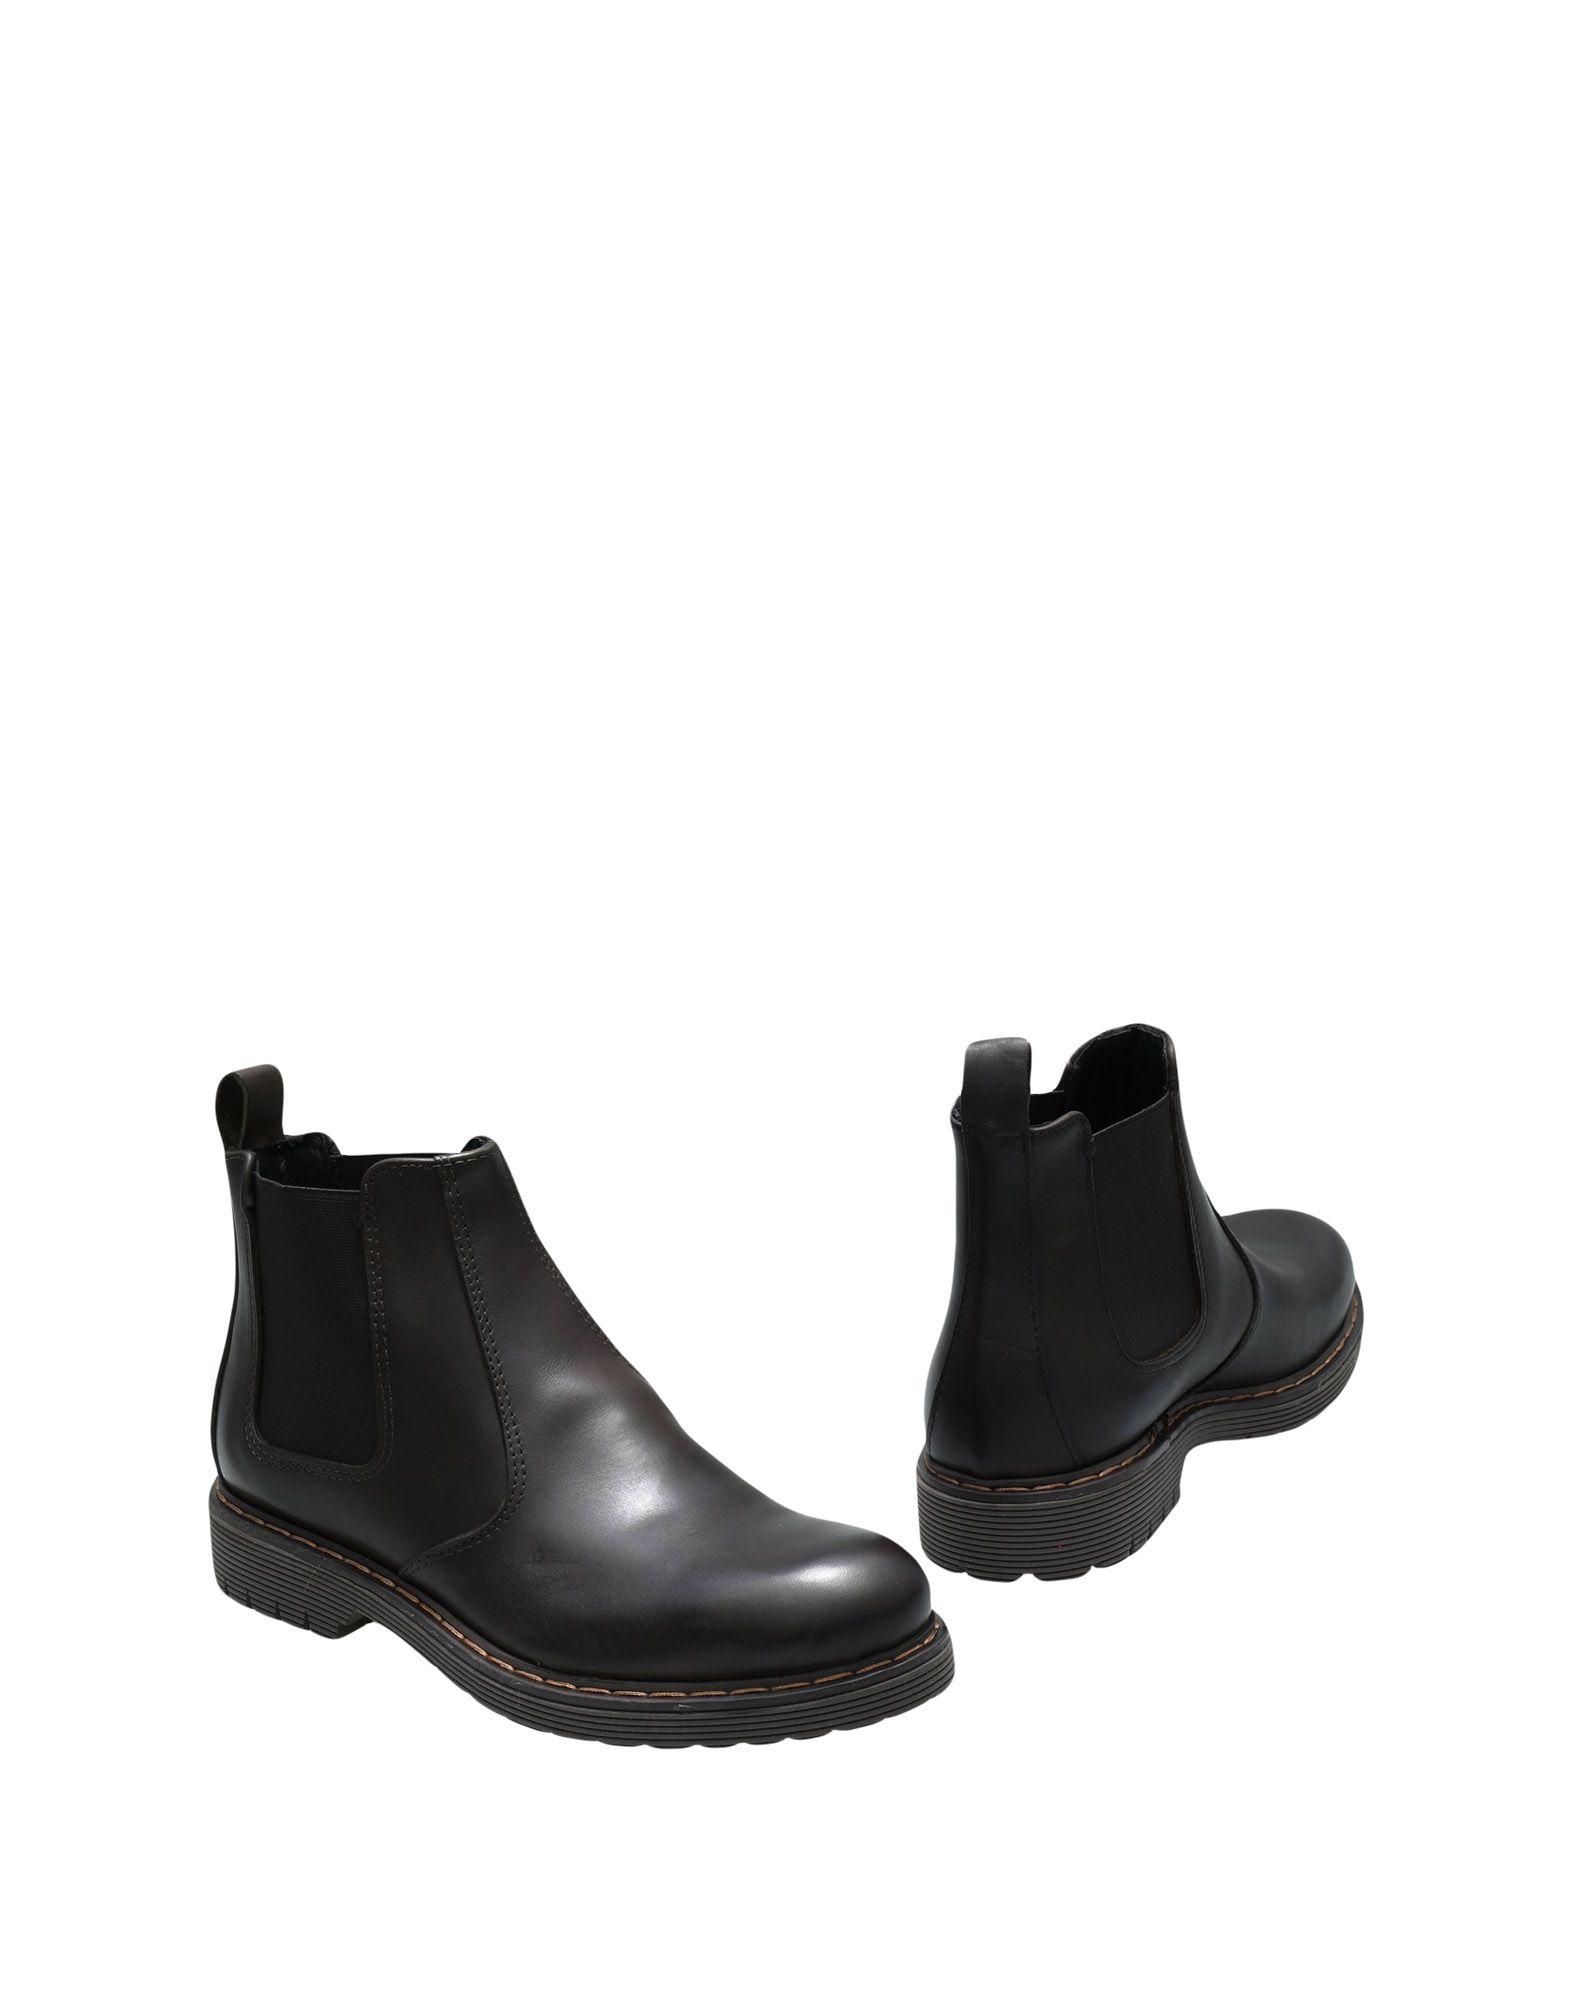 CARMINE MARFÉ Полусапоги и высокие ботинки carmine marfé сапоги